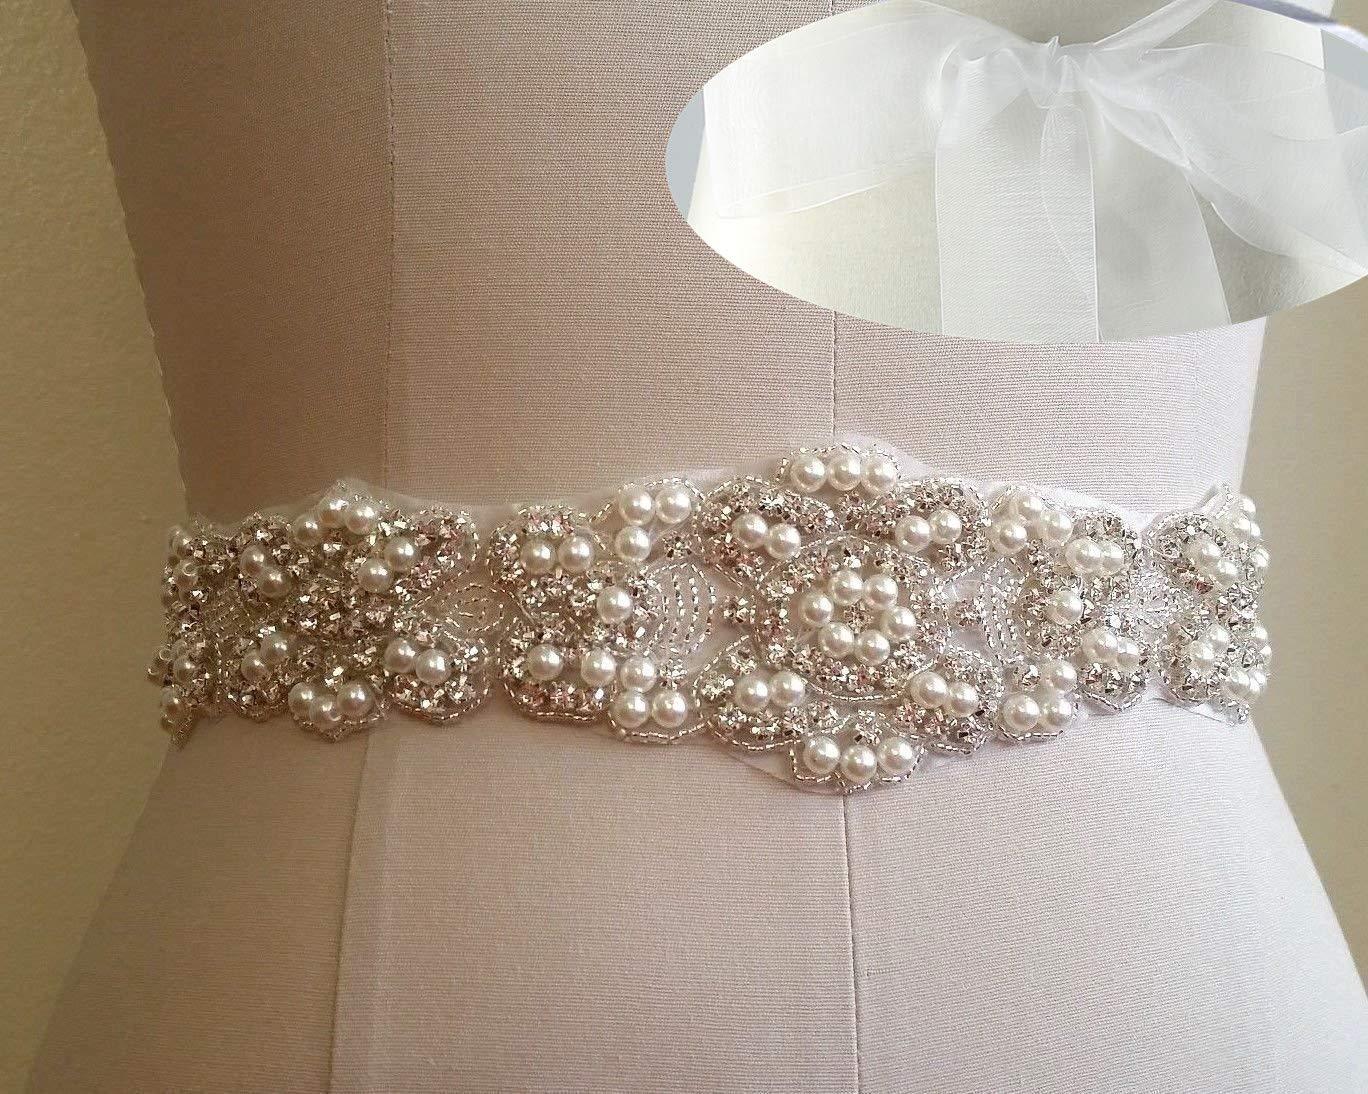 a24403c4c3 Amazon.com  Crystal Belt Rhinestone White Organza Braided sash Wedding  Dress Sash Belt for Bridal Gowns  Arts